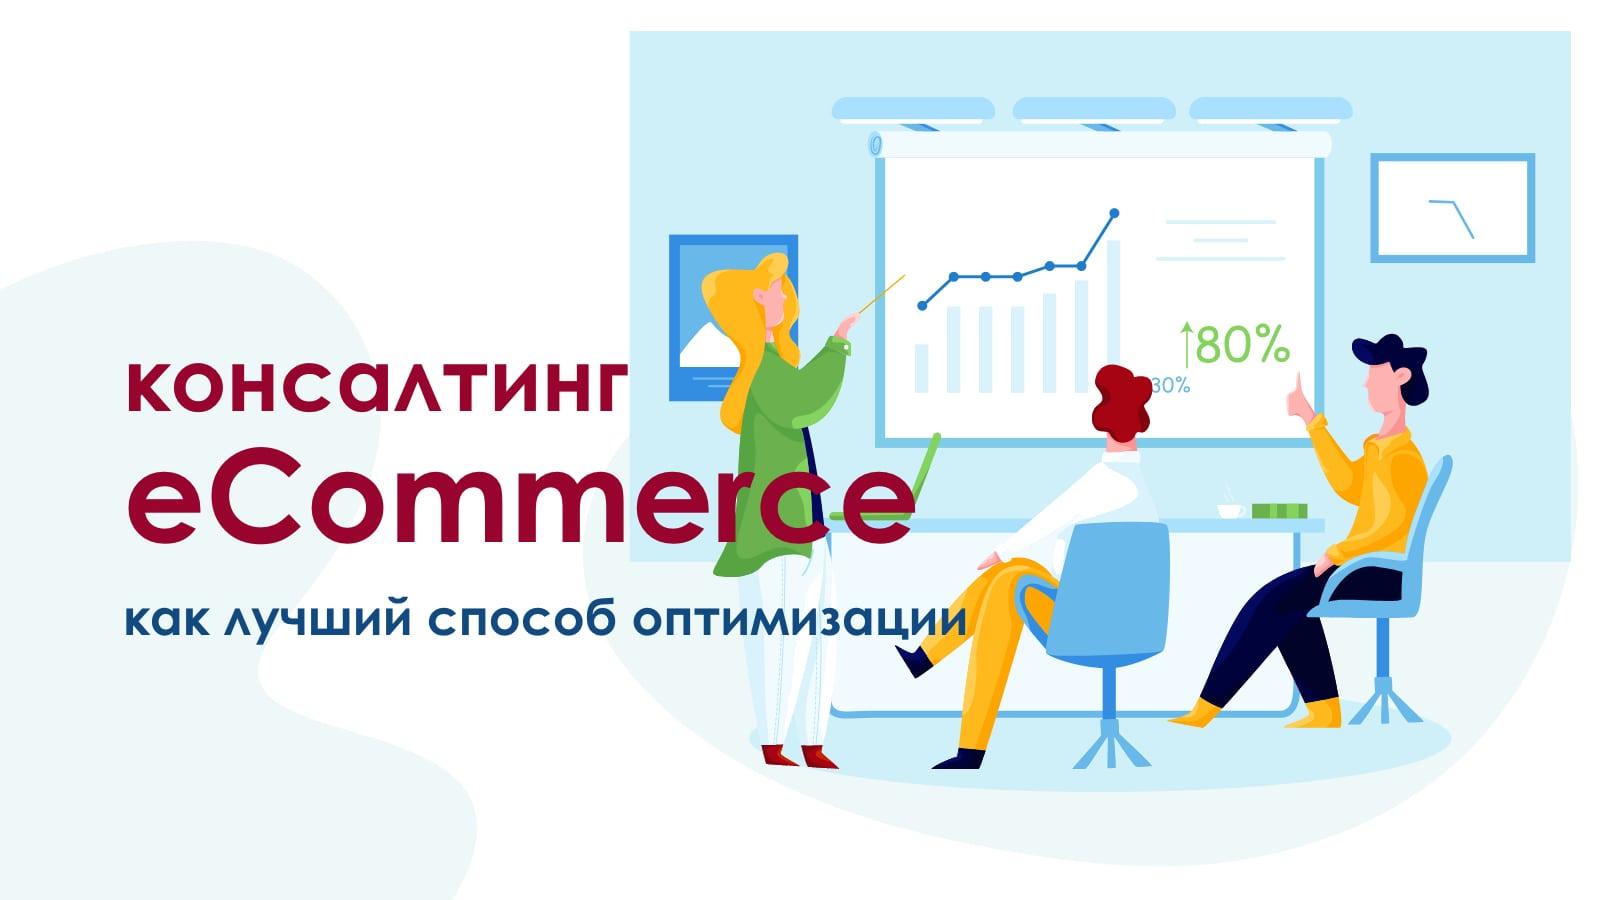 Консалтинг в сфере интернет торговли как лучший способ оптимизации